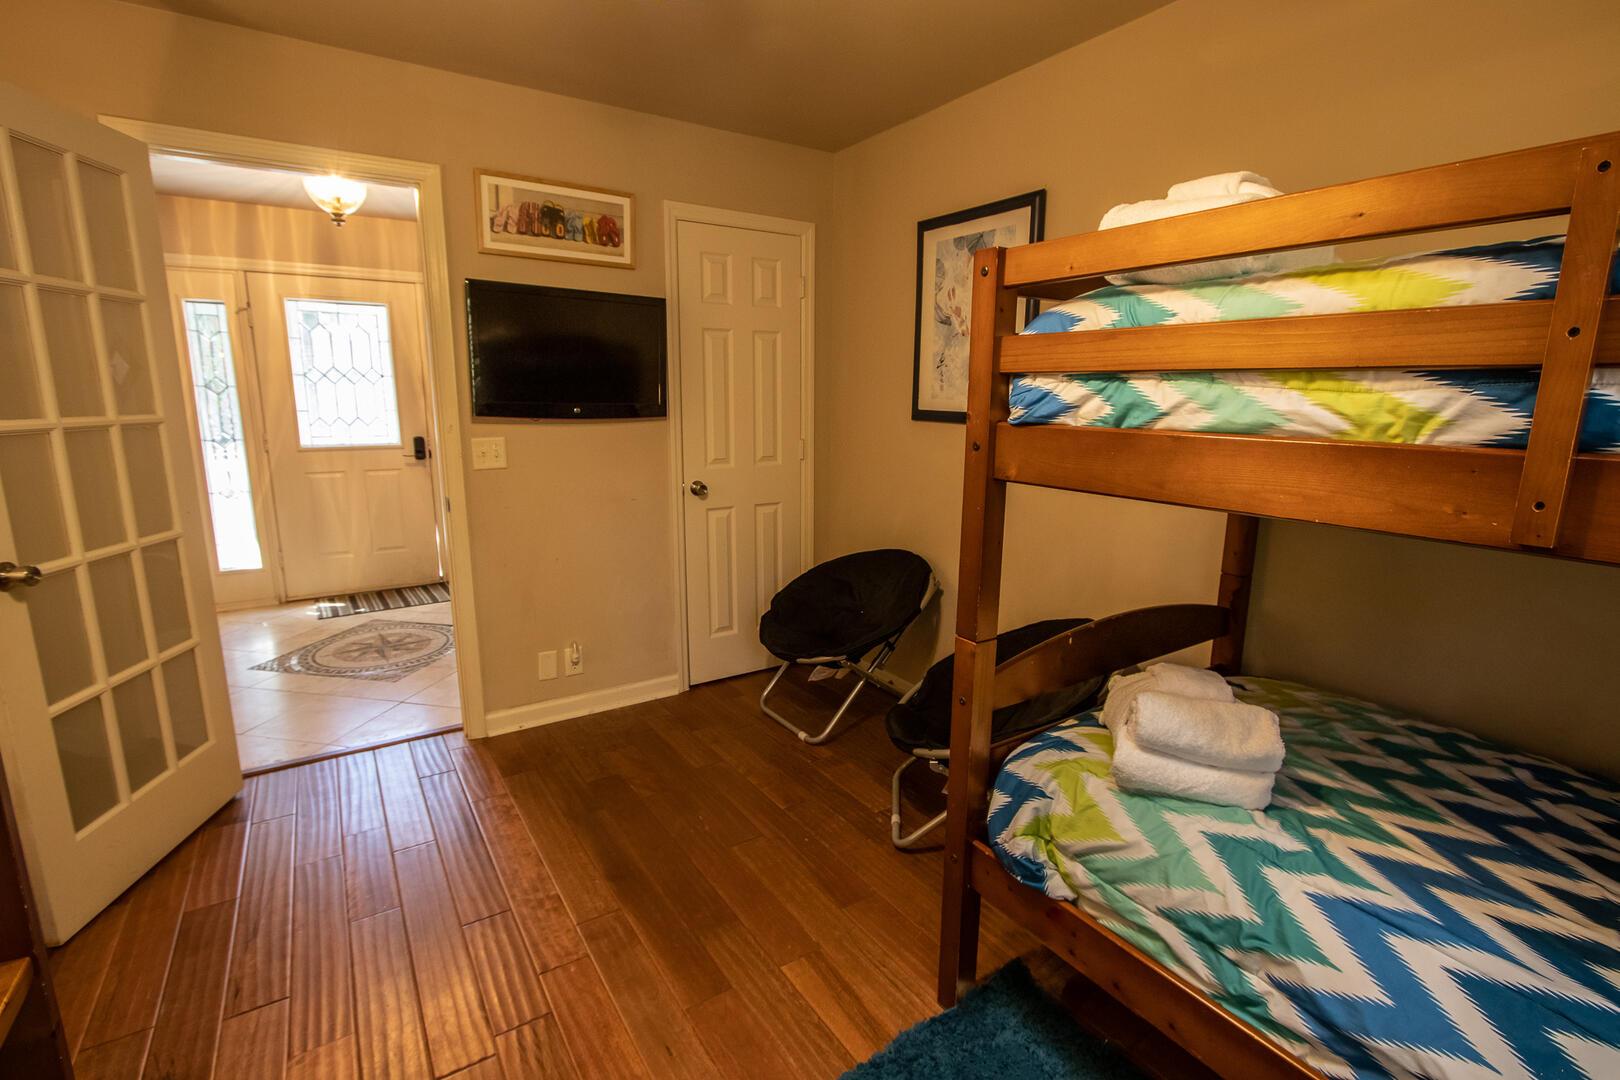 Bedroom 3, TV